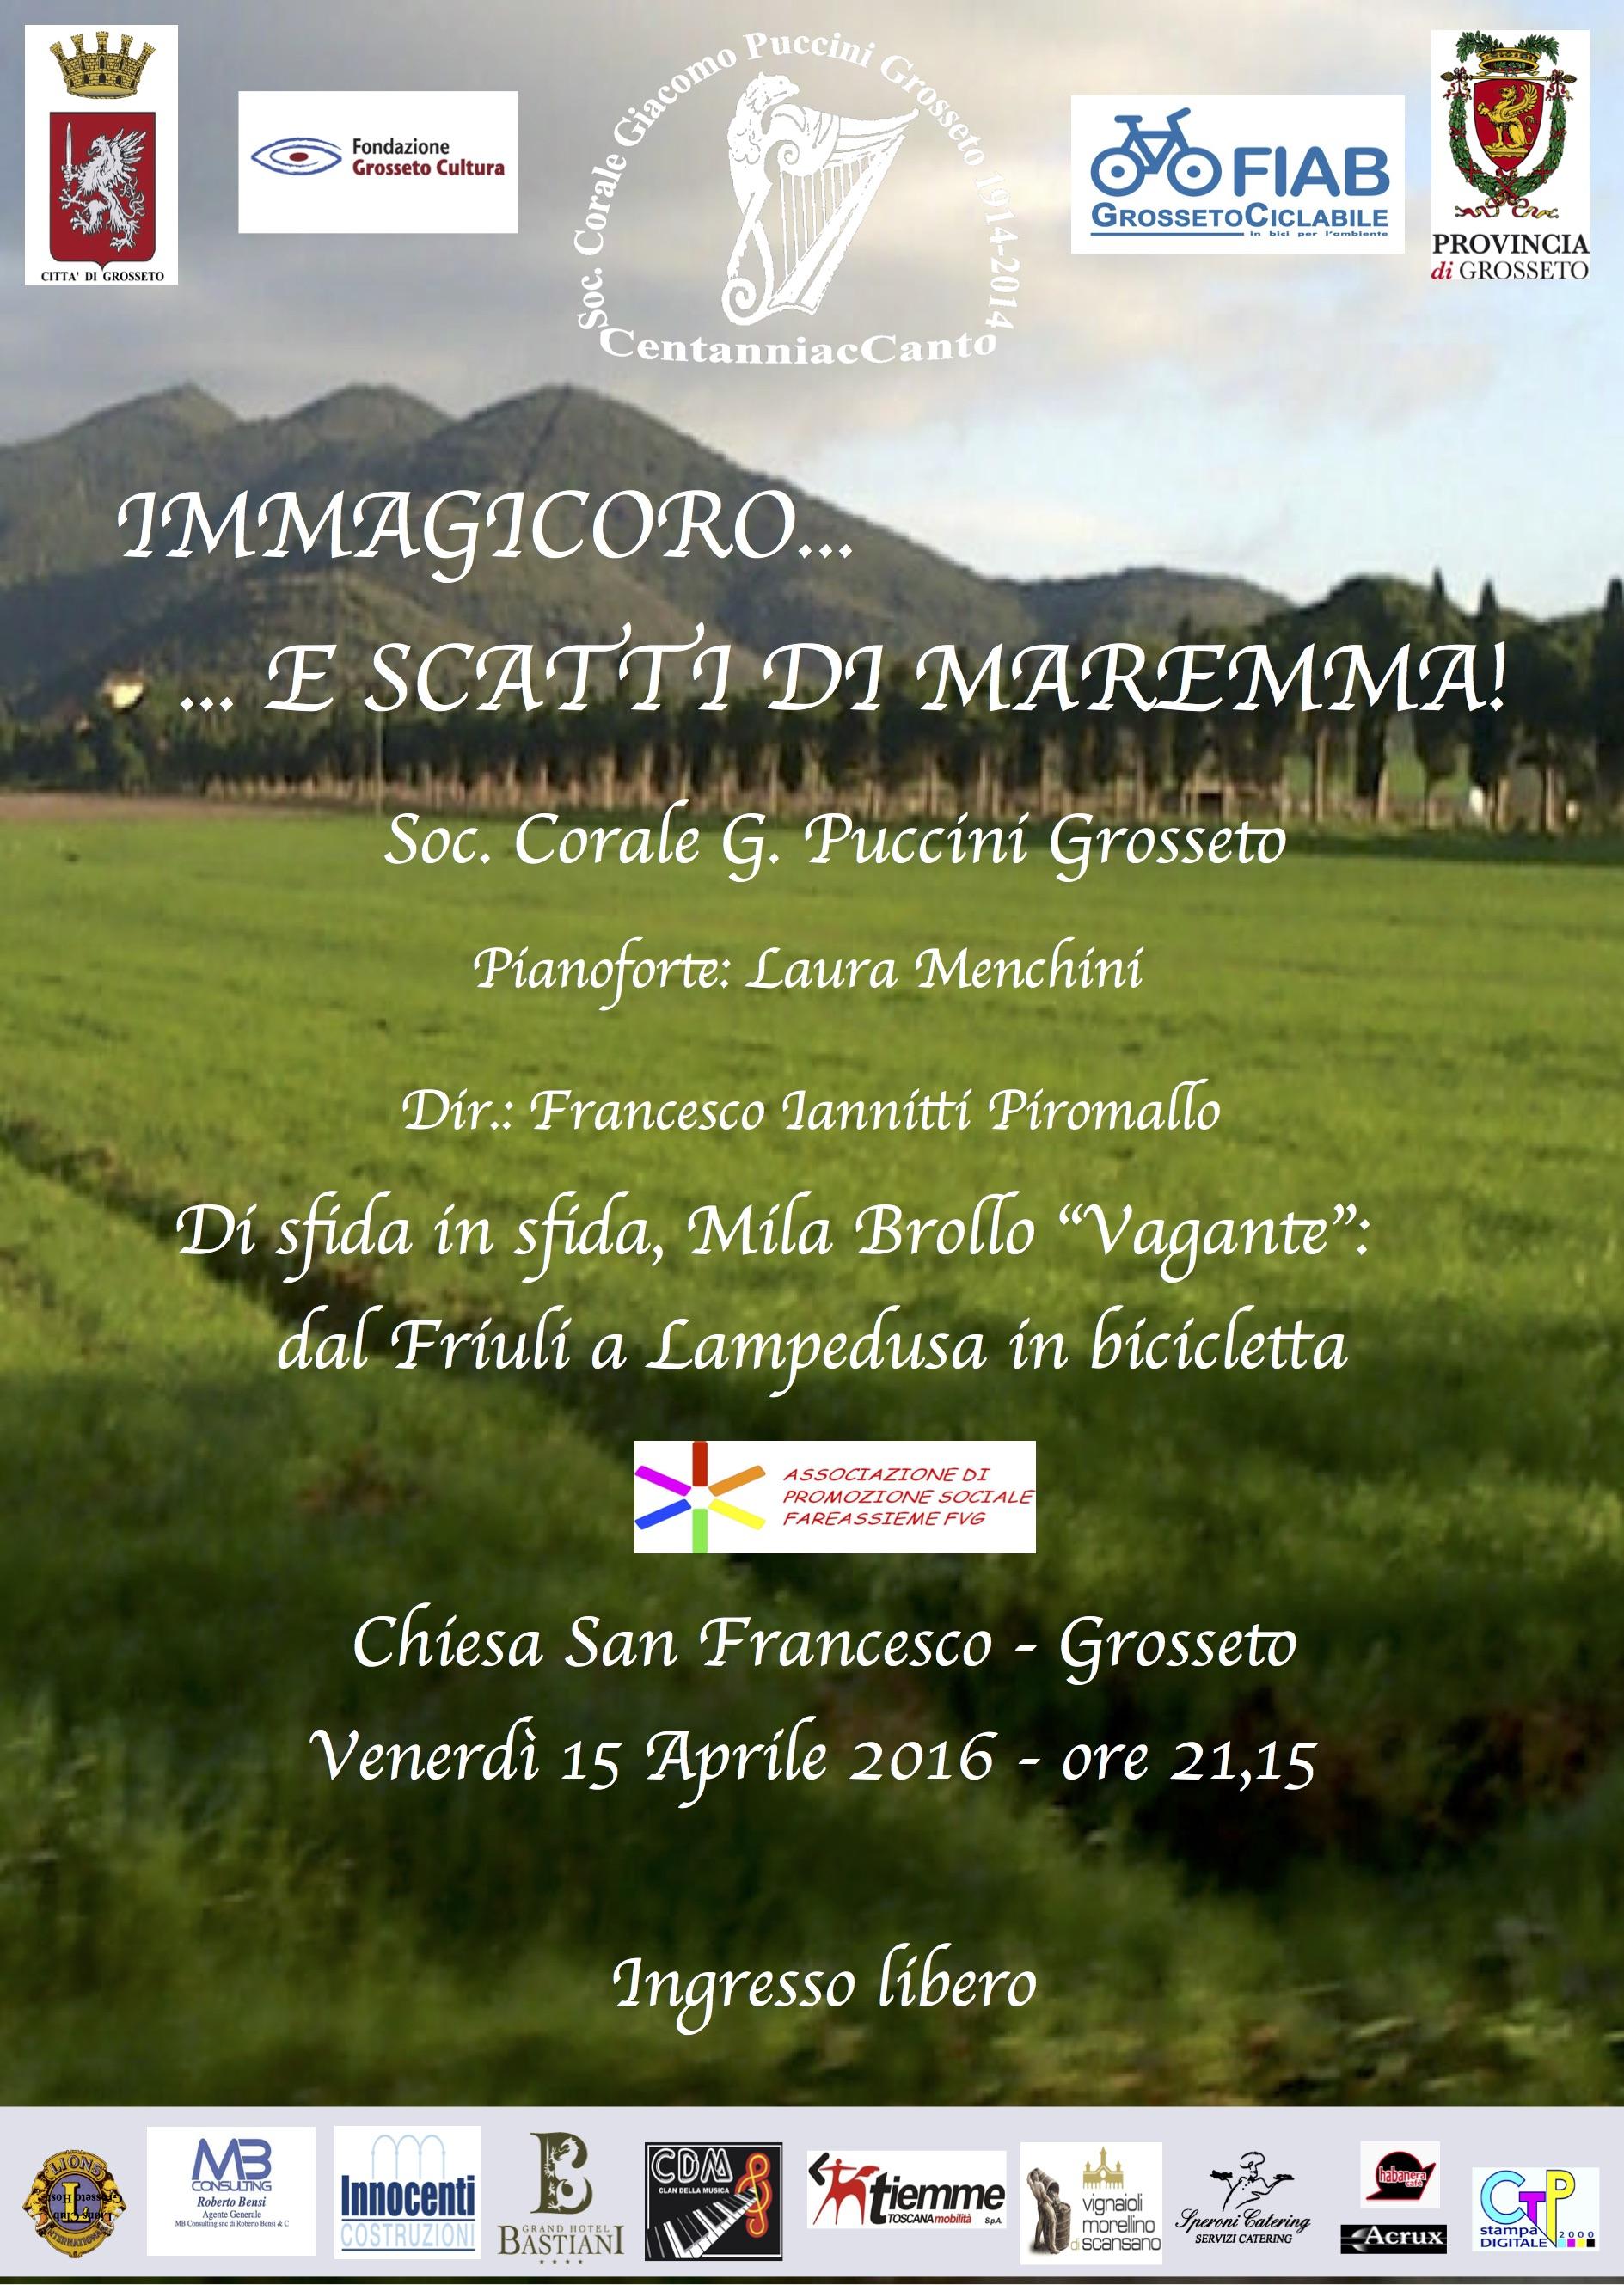 """""""Immagicoro e scatti di Maremma!"""" – Benvenuto a Grosseto a Mila Brollo """"Vagante""""!"""